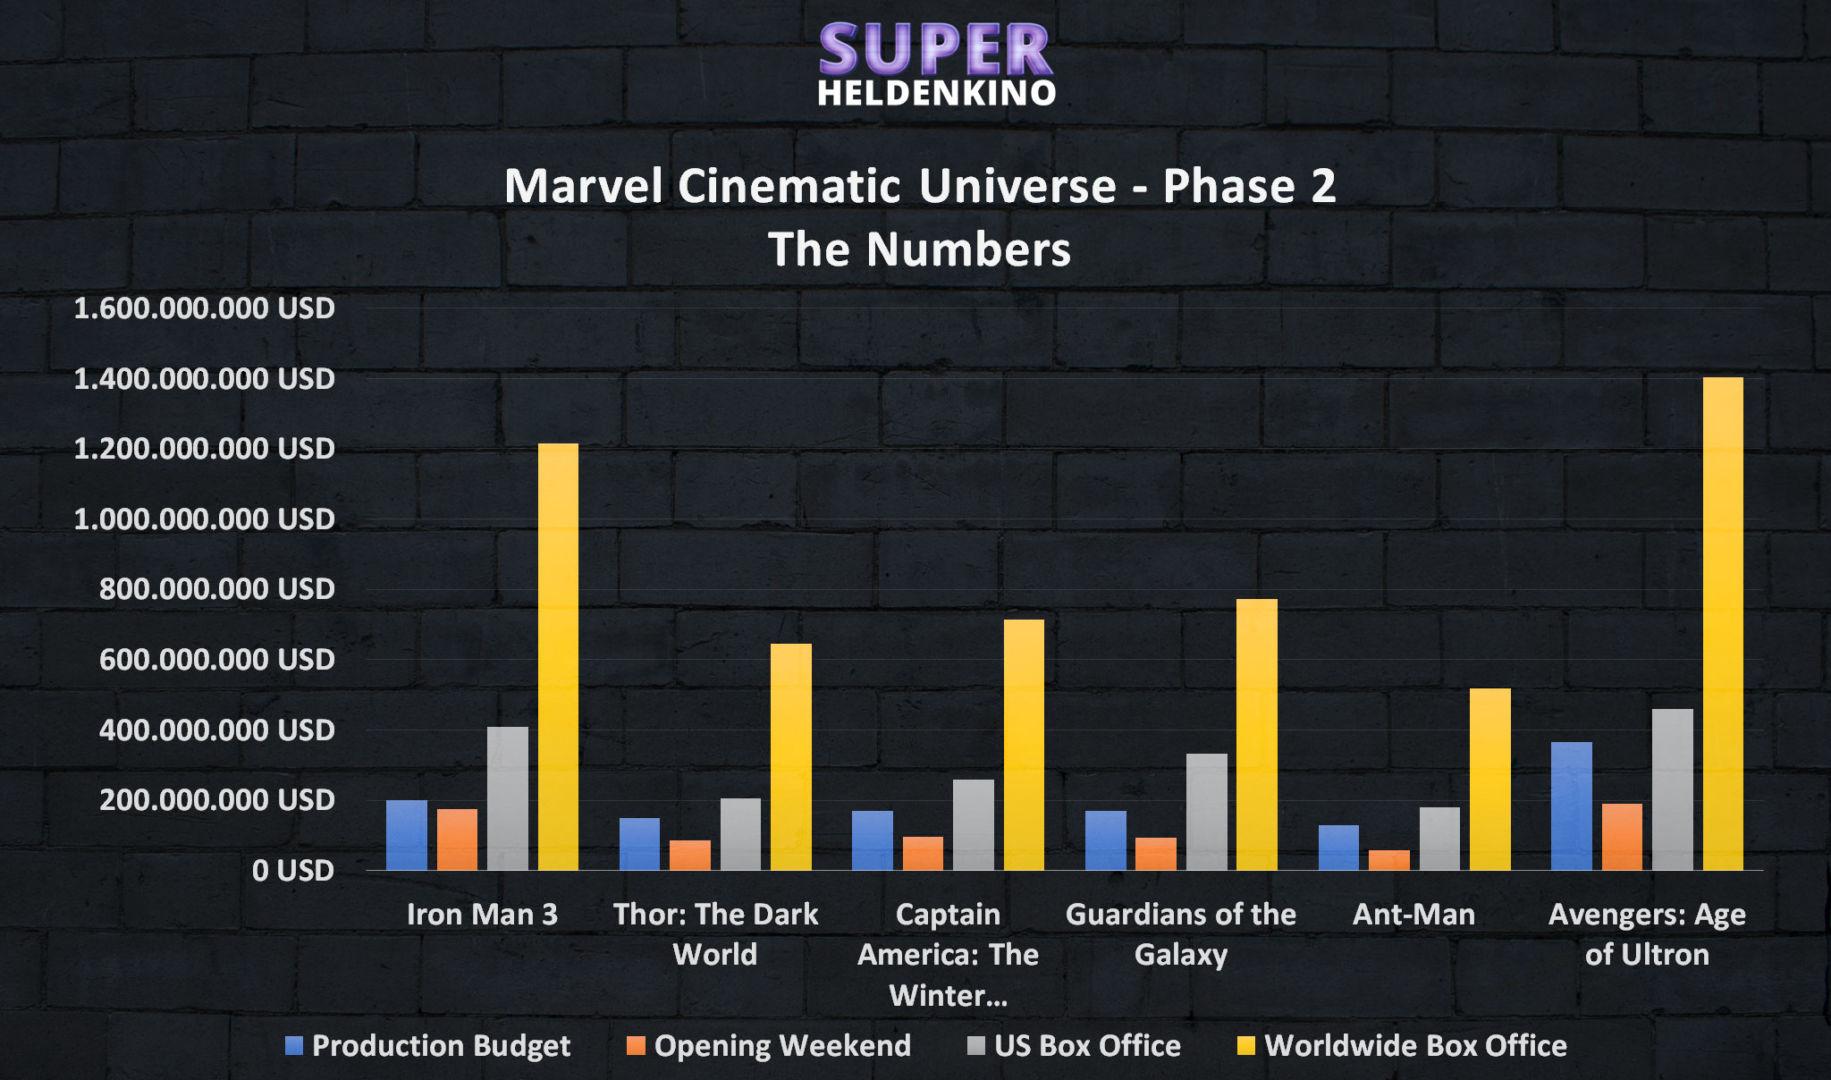 Marvel Cinematic Universe Phase 2 Info Grafik - Alle Marvel Filme der Phase 2 in der Reihenfolge